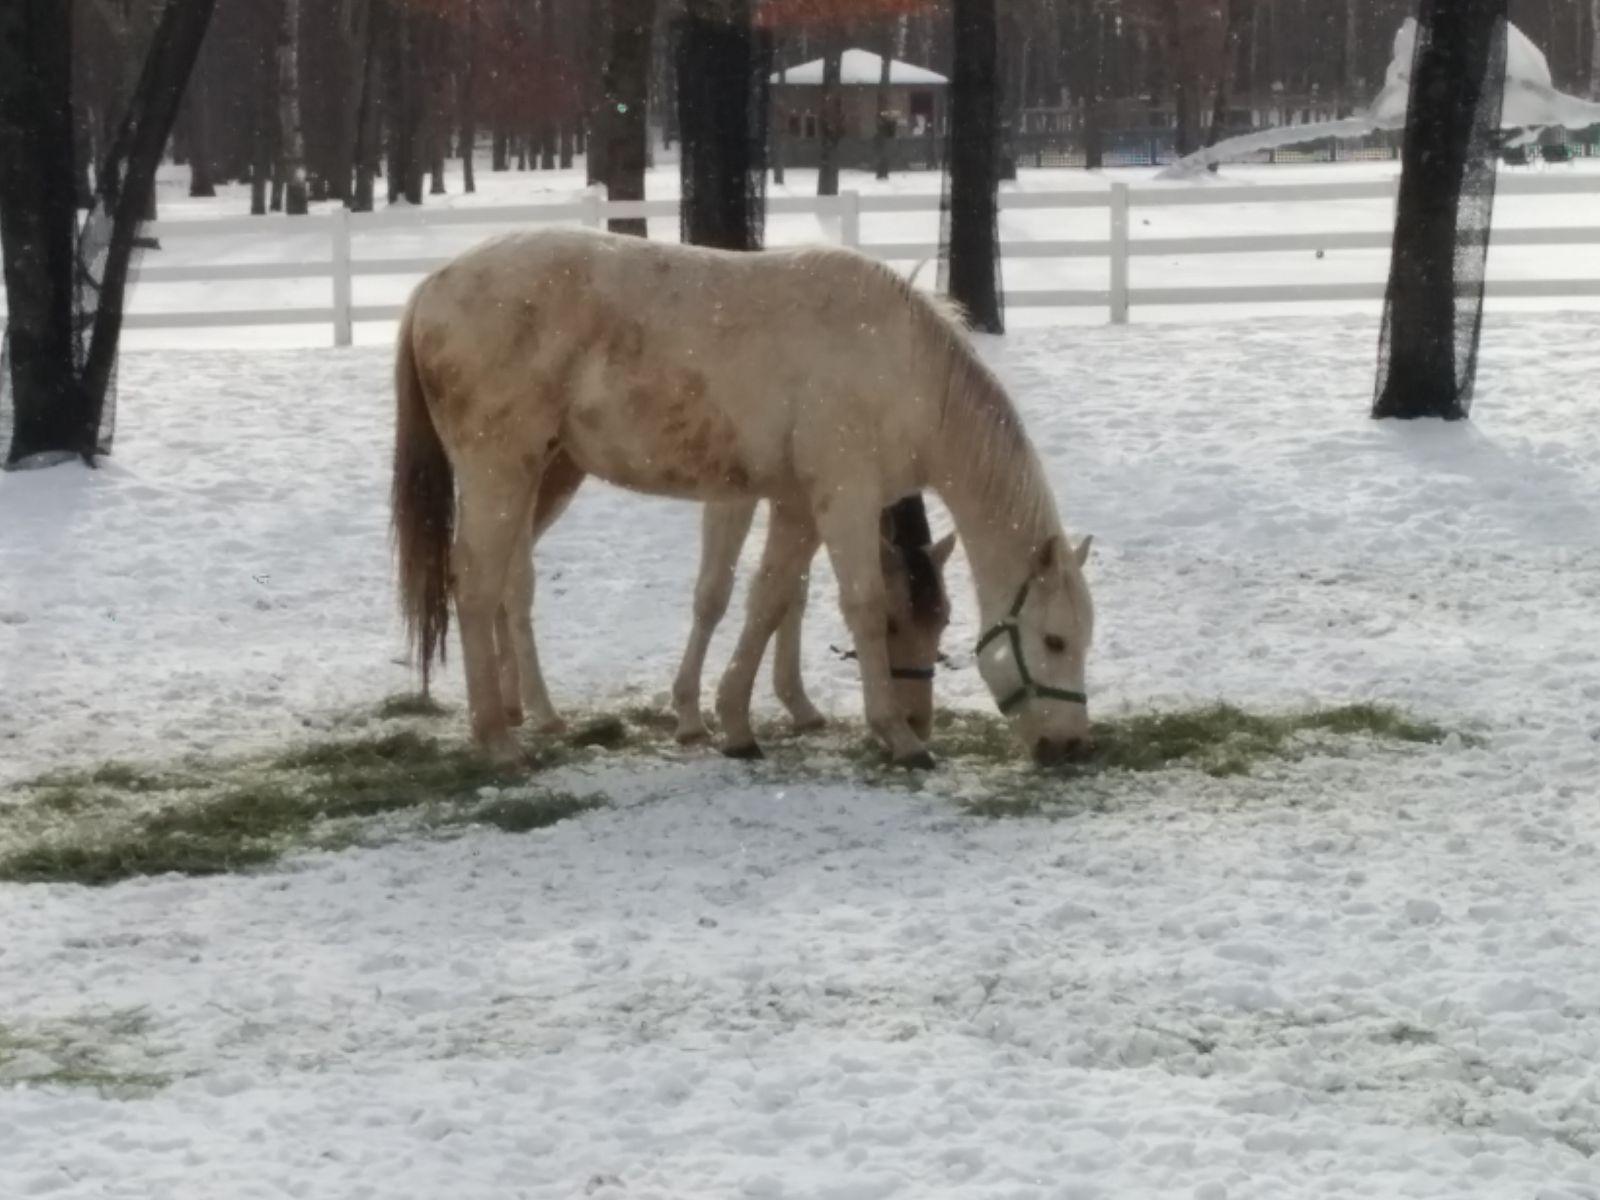 【苫小牧】雪のノーザンホースパーク観光写真です。